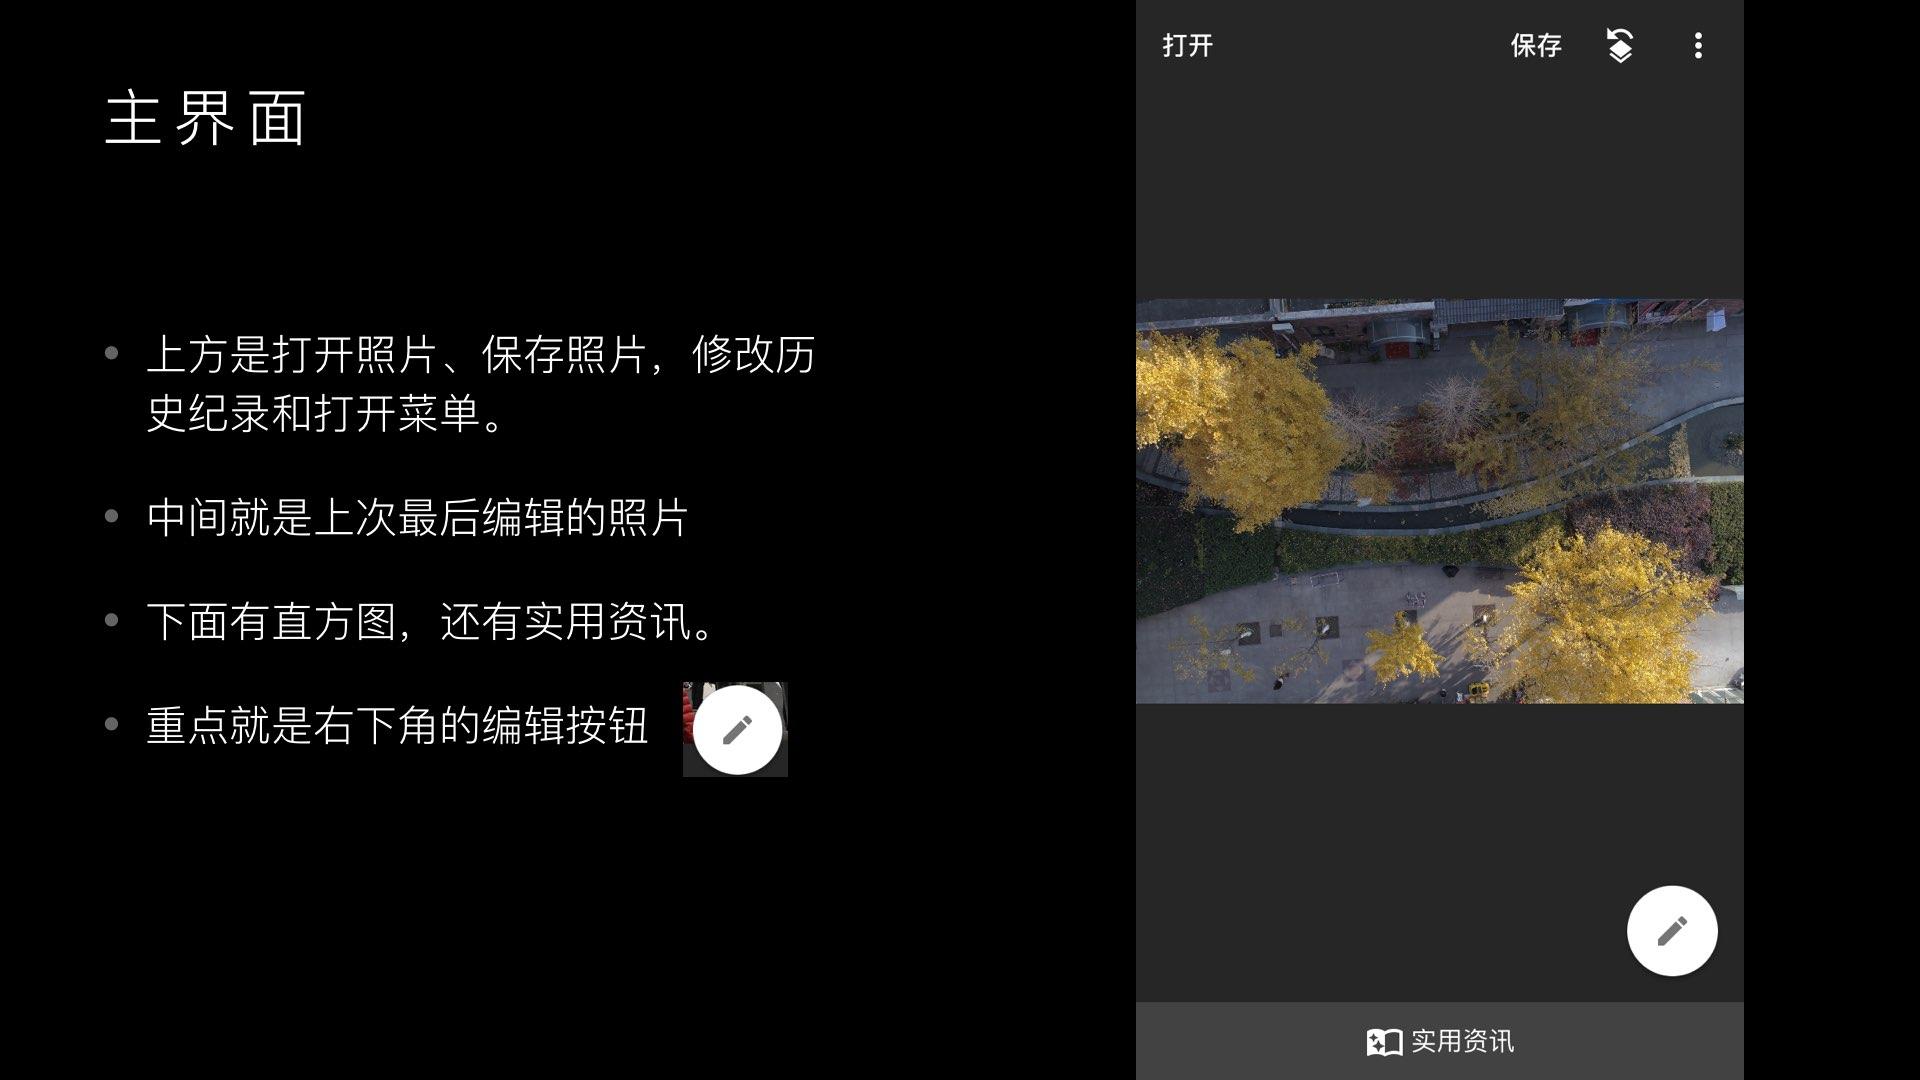 化腐朽为神奇,Snapseed图片编辑教程.003.jpeg